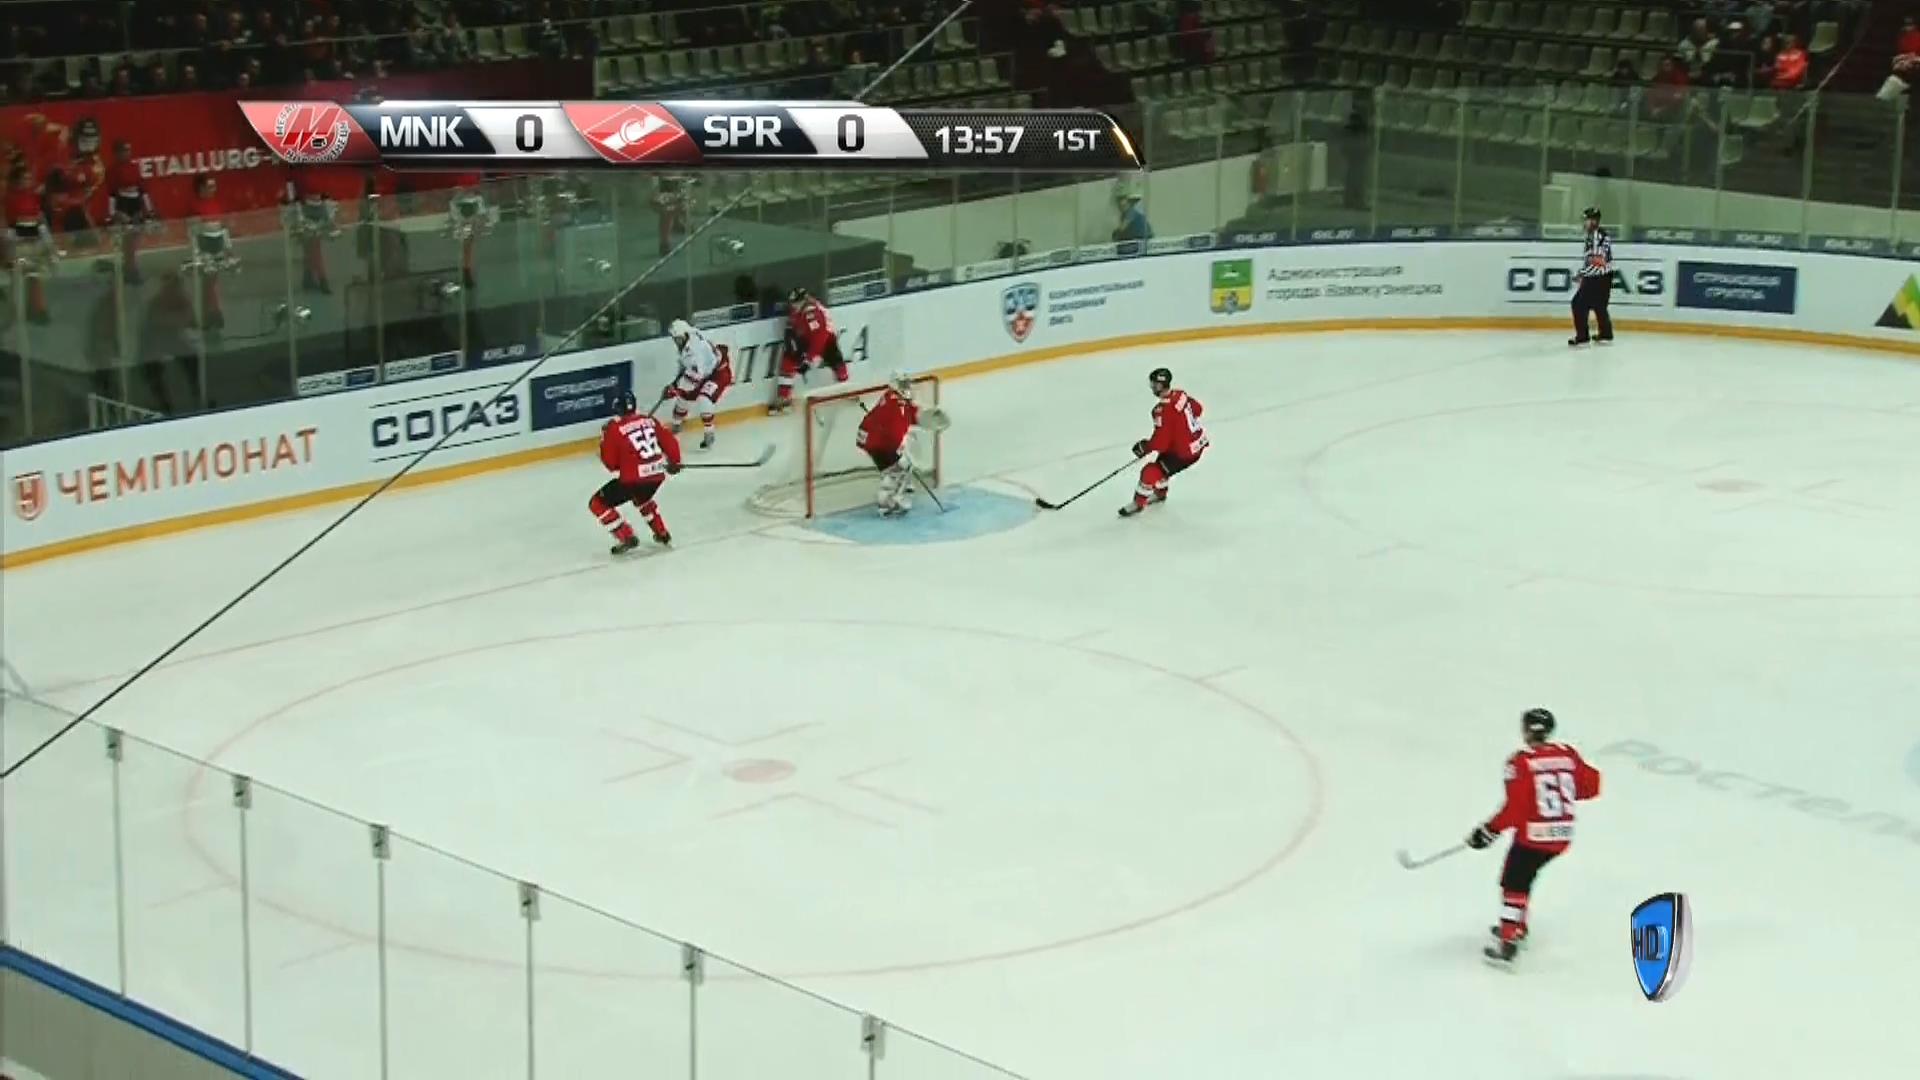 KHL.2015.09.04.MetNK@Spartak.1080p25.mkv_20150905_153355.625.jpg